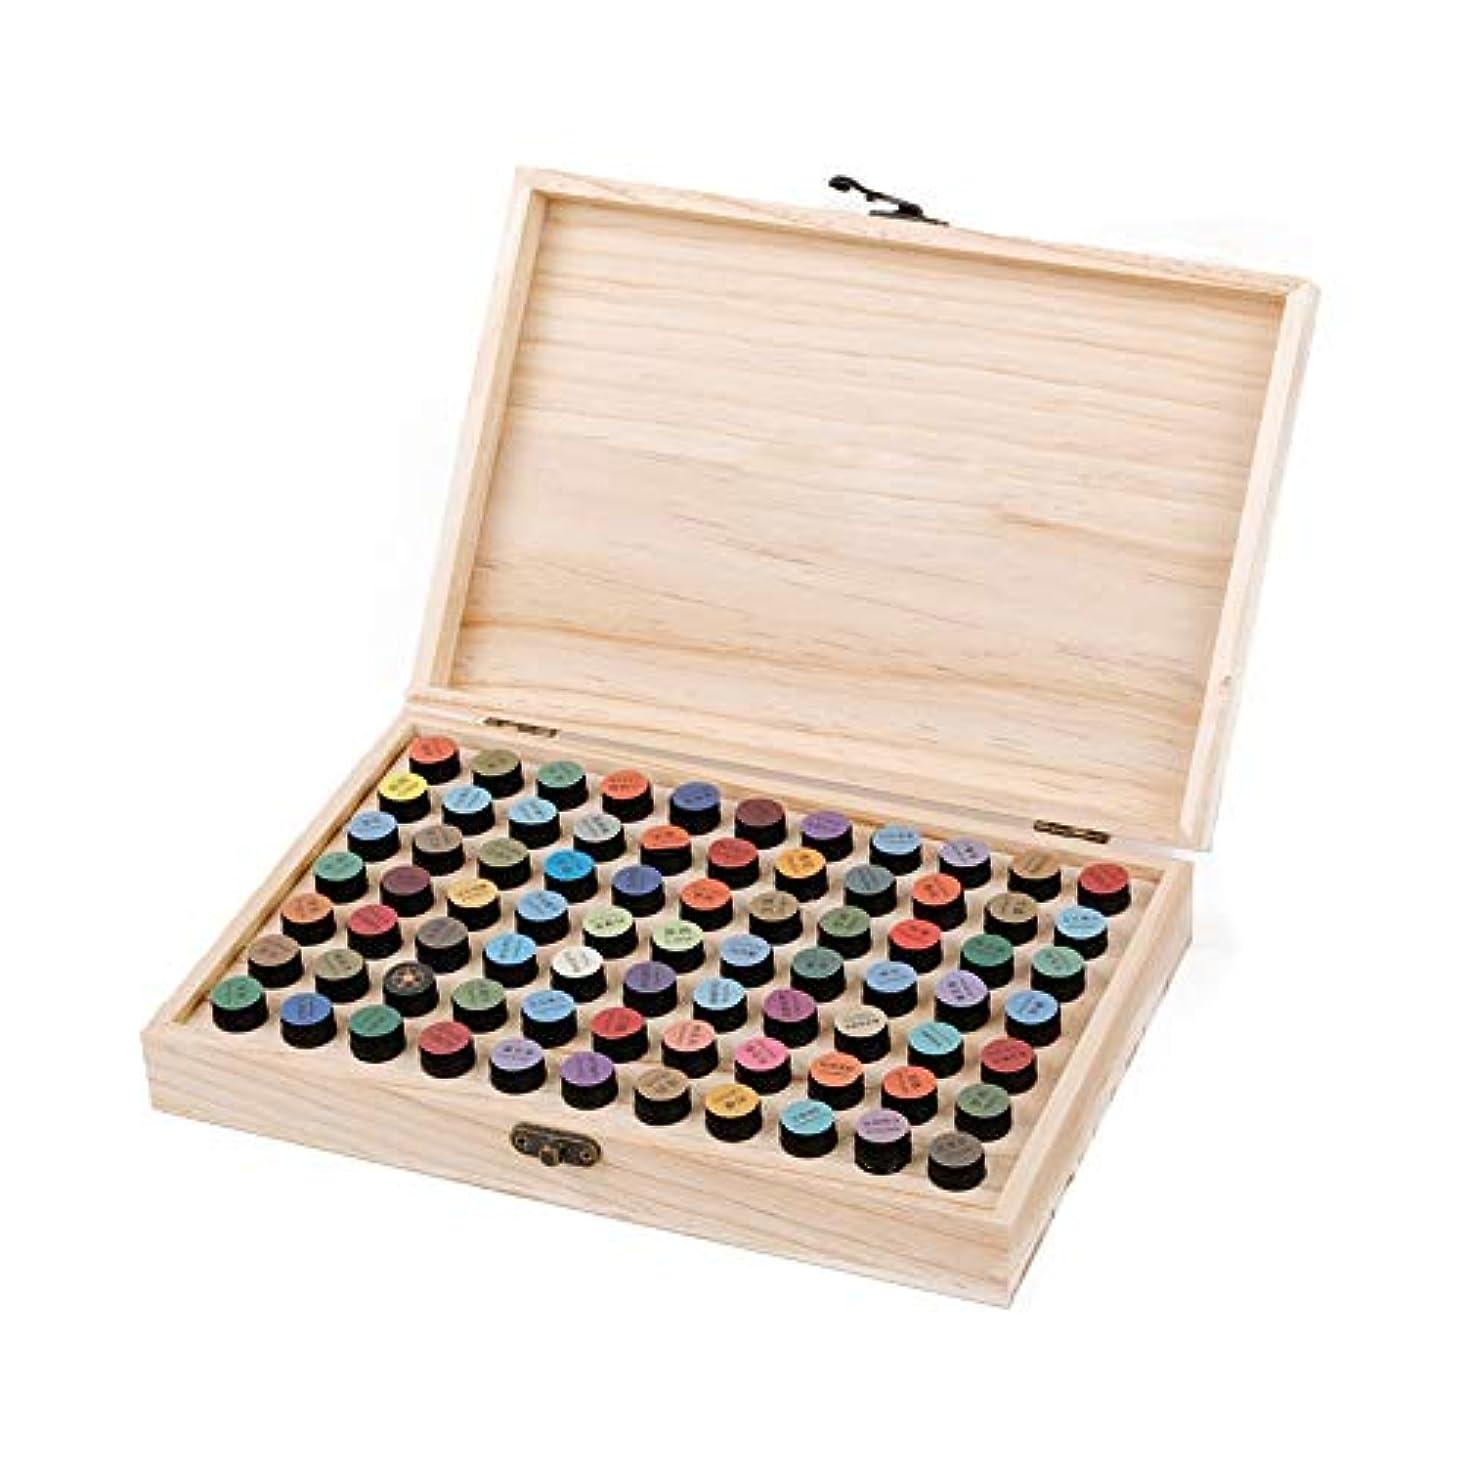 解放食事を調理する繰り返すエッセンシャルオイルボックス 2ミリリットルのエッセンシャルオイル木製収納ボックスあなたの貴重なエッセンシャルオイルを格納するのに適した77個のスロット アロマセラピー収納ボックス (色 : Natural, サイズ :...